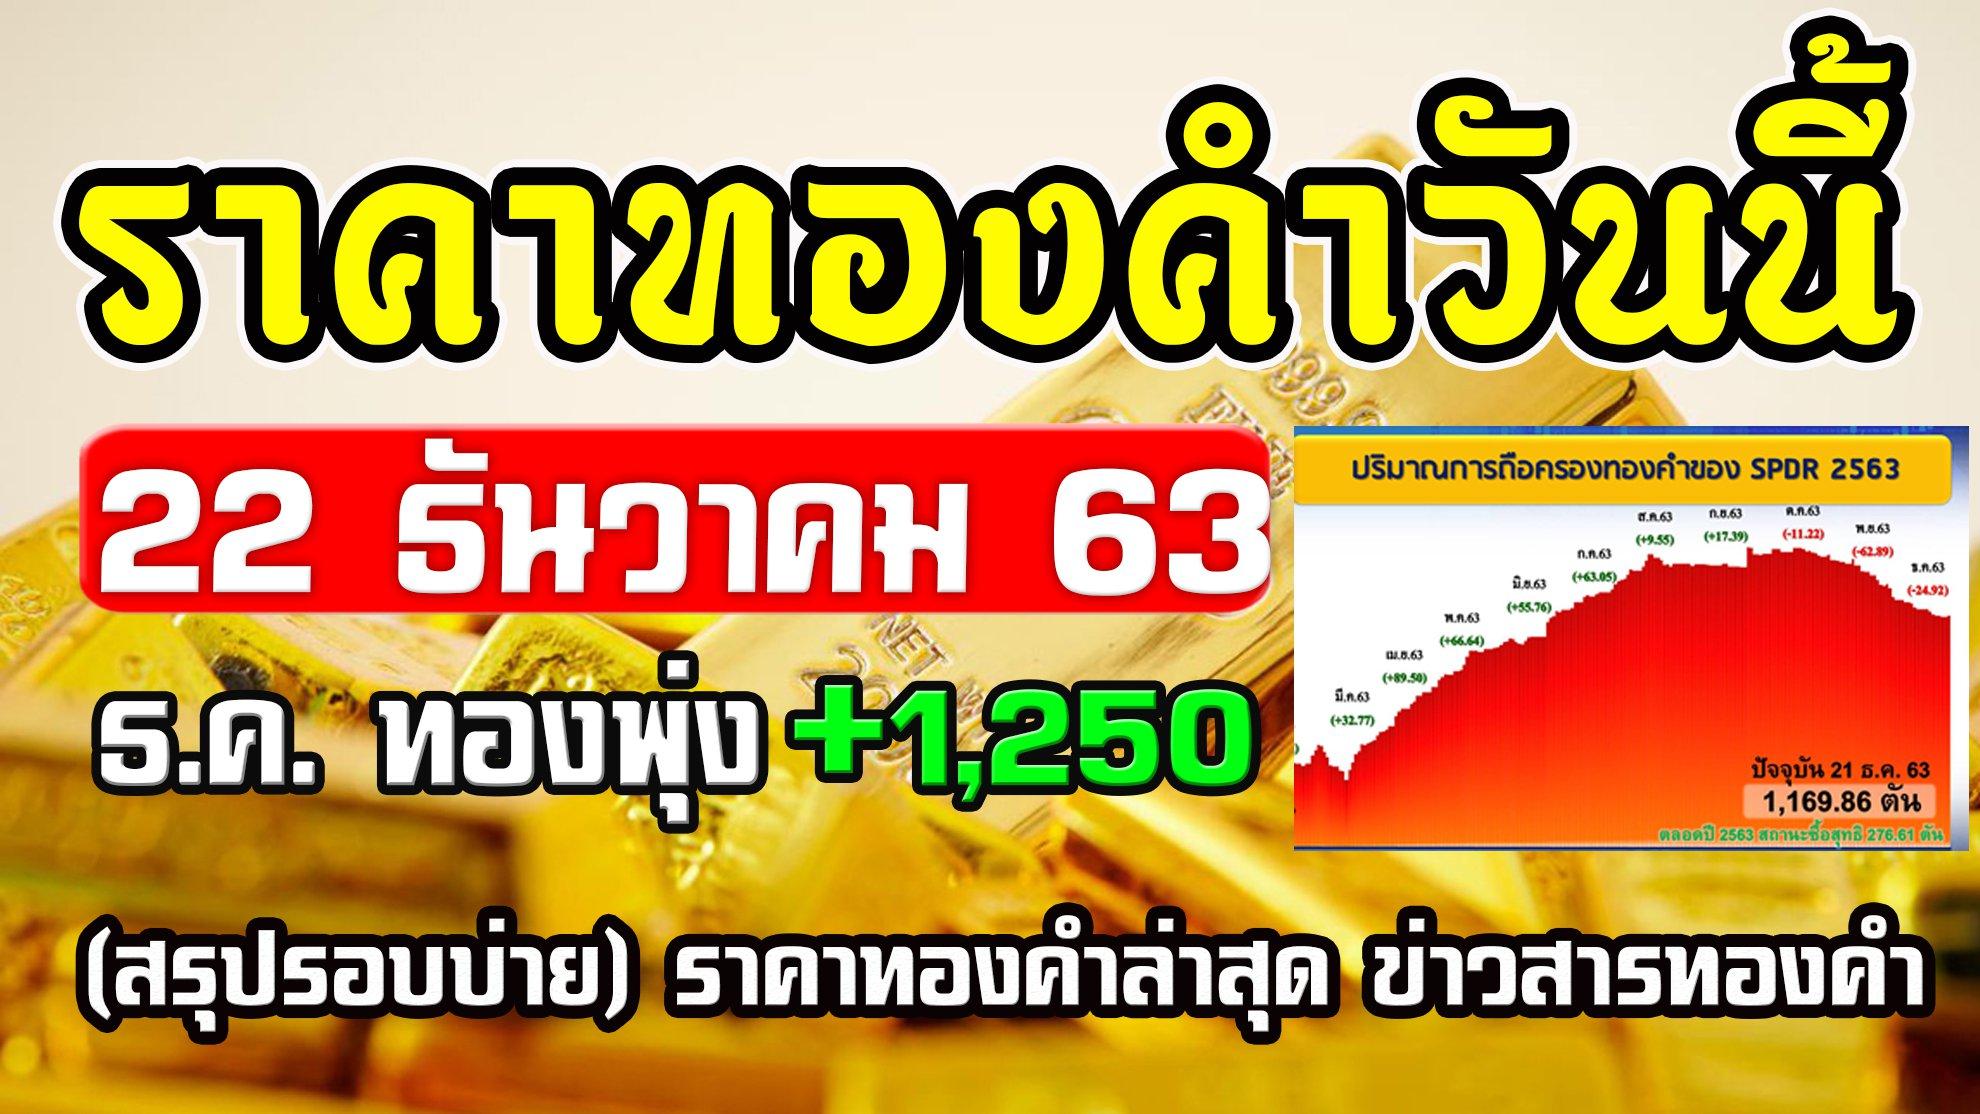 ราคาทองวันนี้ 22/12/63 (สรุปรอบบ่าย) ทองยังพุ่งต่อเนื่อง ราคาทองคำวันนี้ 22ธันวาคม63 แนวโน้มราคาทอง